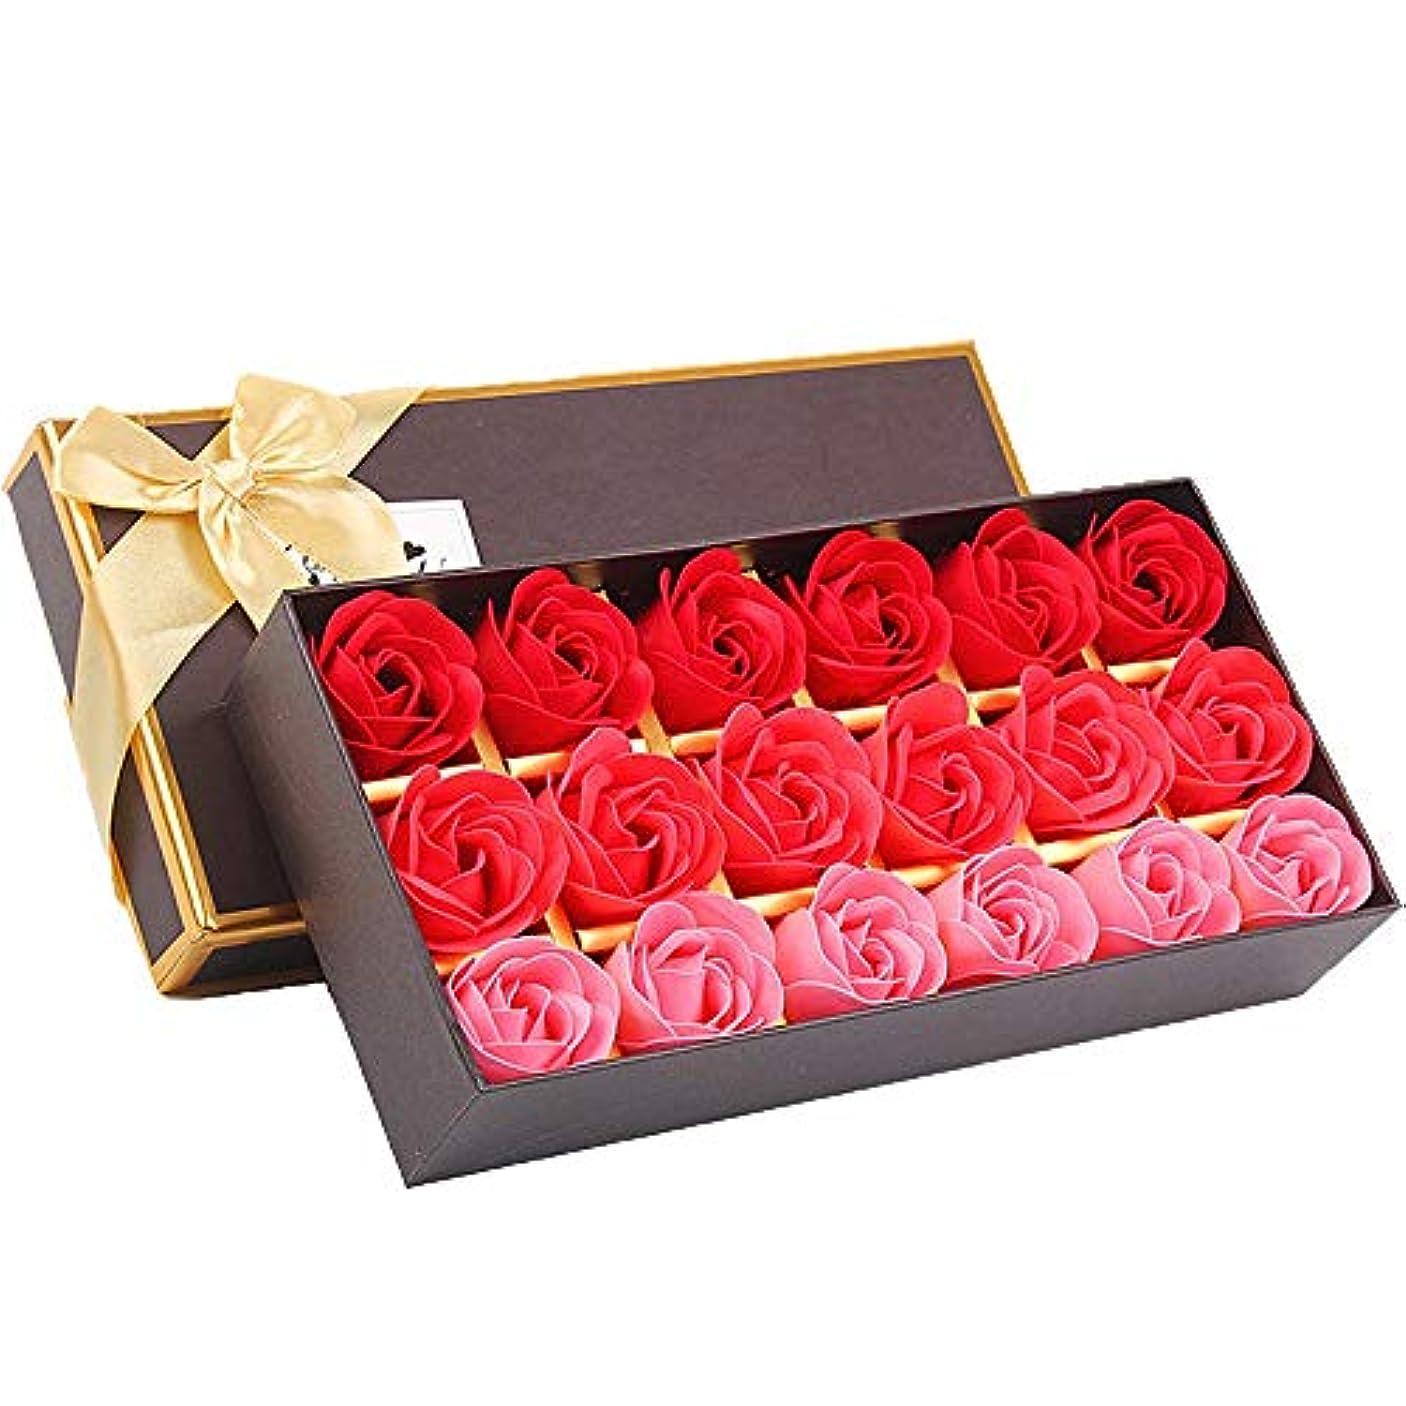 兵器庫心のこもった広告主18個の手作りのローズの香りのバスソープの花びら香りのバスソープは、ギフトボックスの花びらをバラ (色 : 赤)